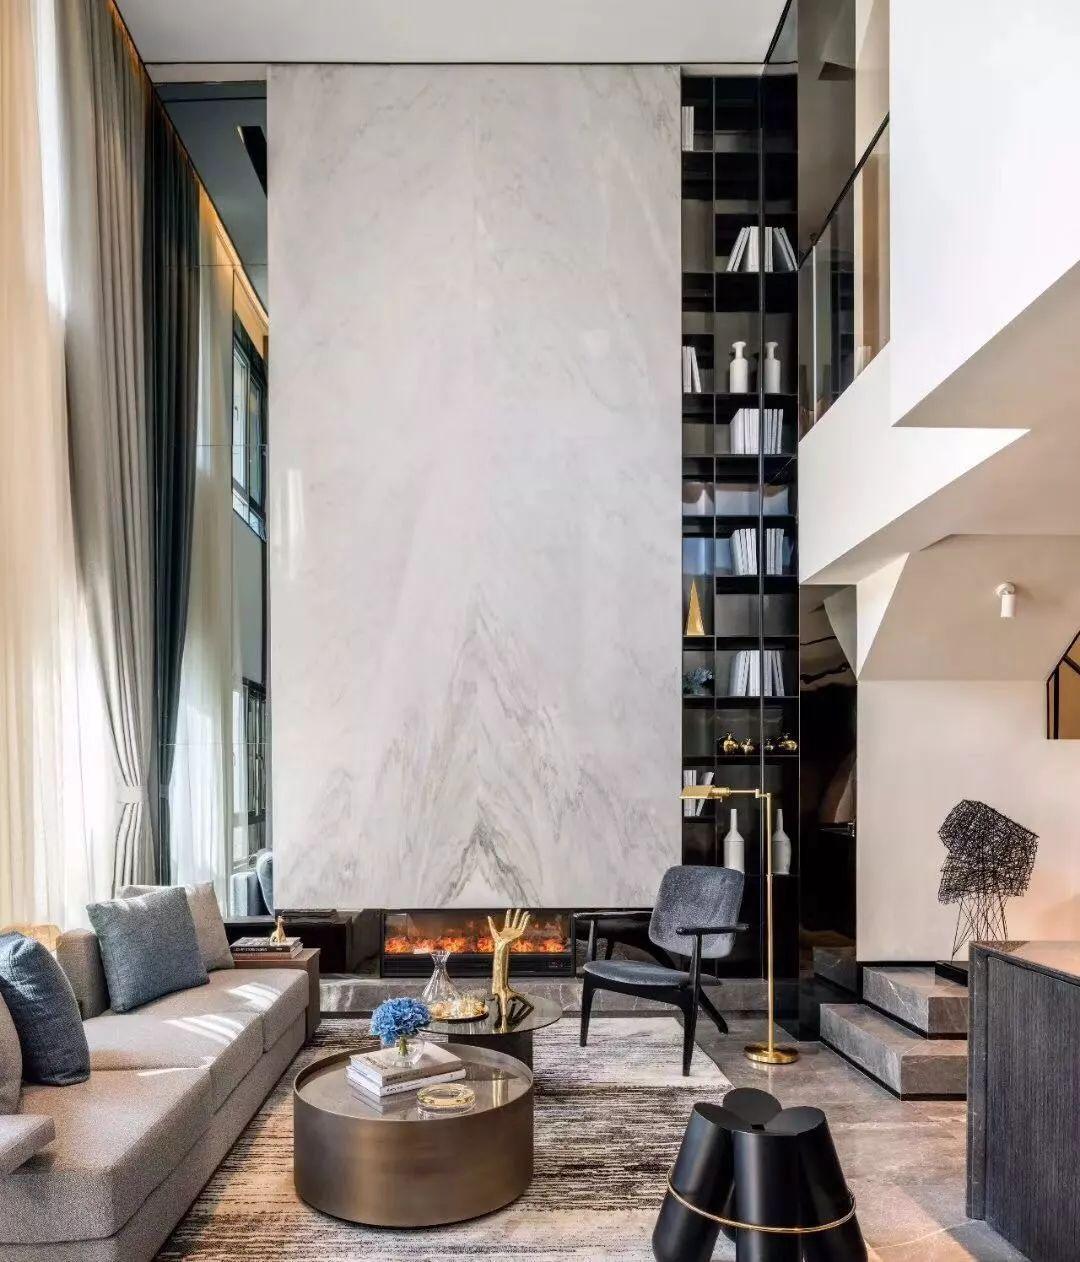 25款别墅挑高客厅设计,借鉴一下